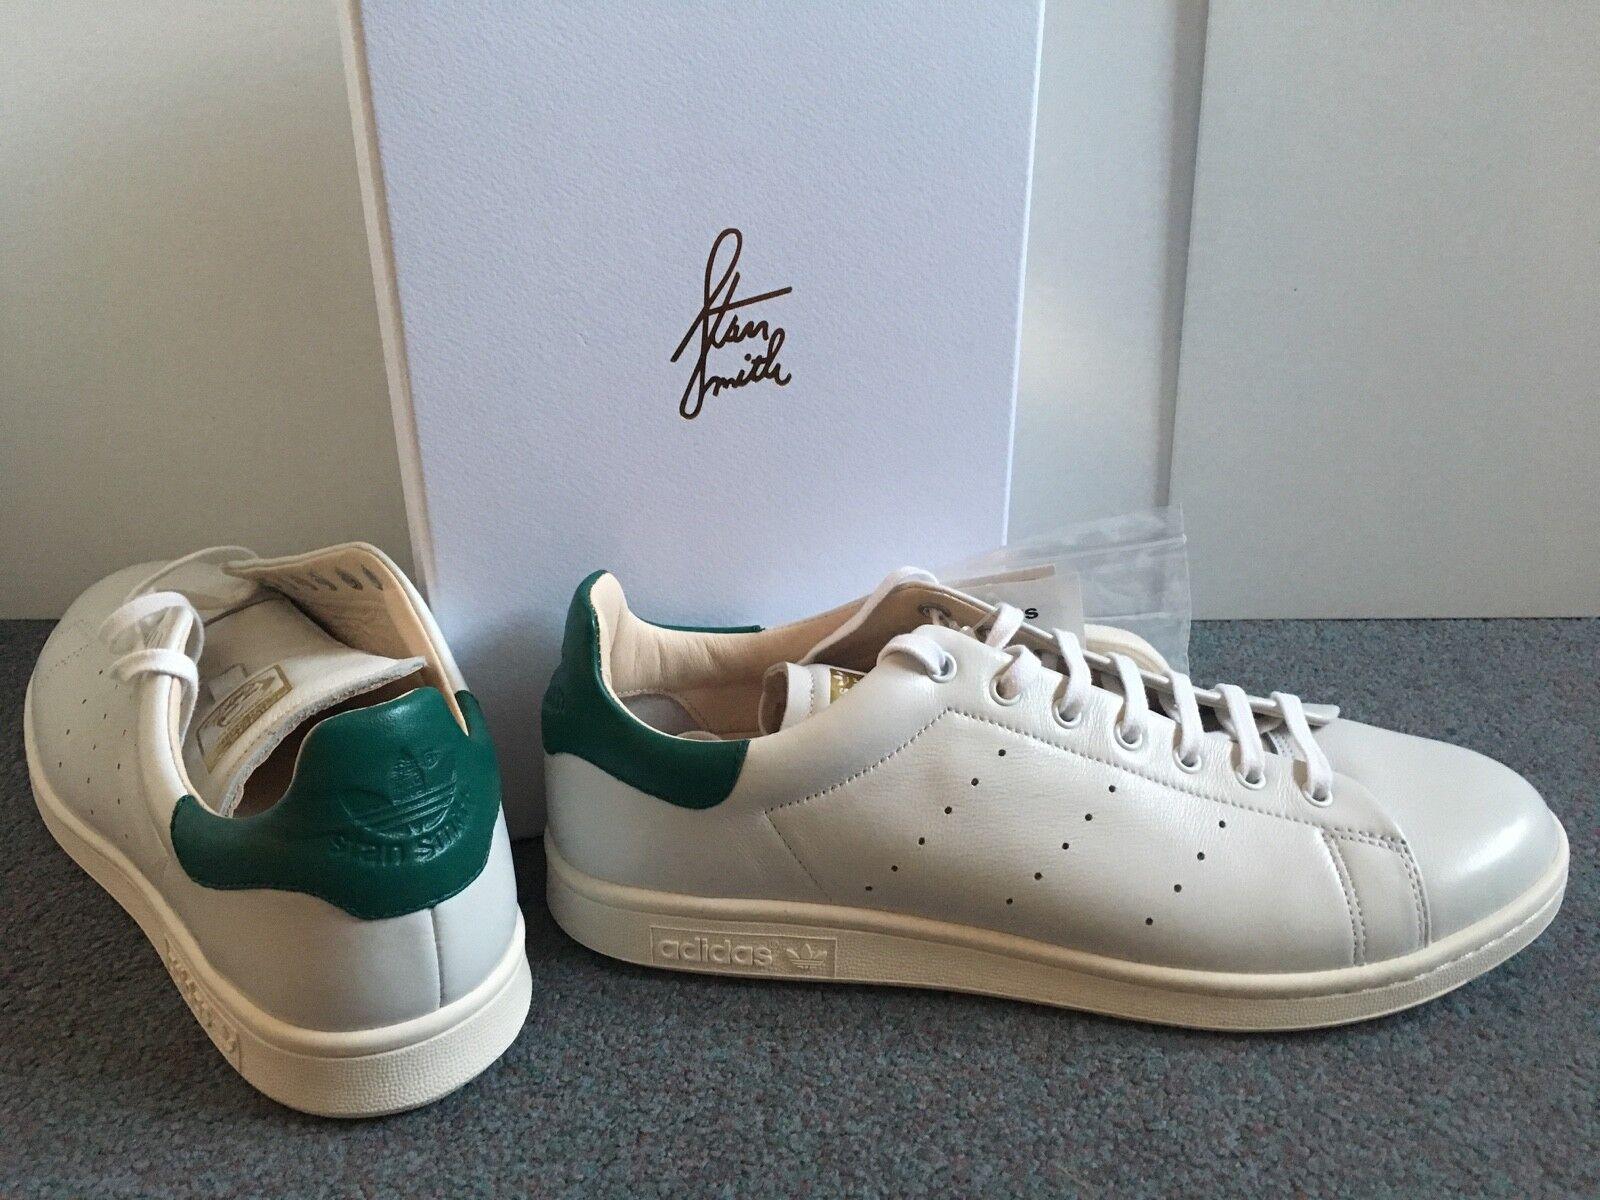 Adidas stan smith ricognizione - misura 10 originali originali originali - nuovo modello aq0868 se disattivato | A Basso Costo  7ddd27